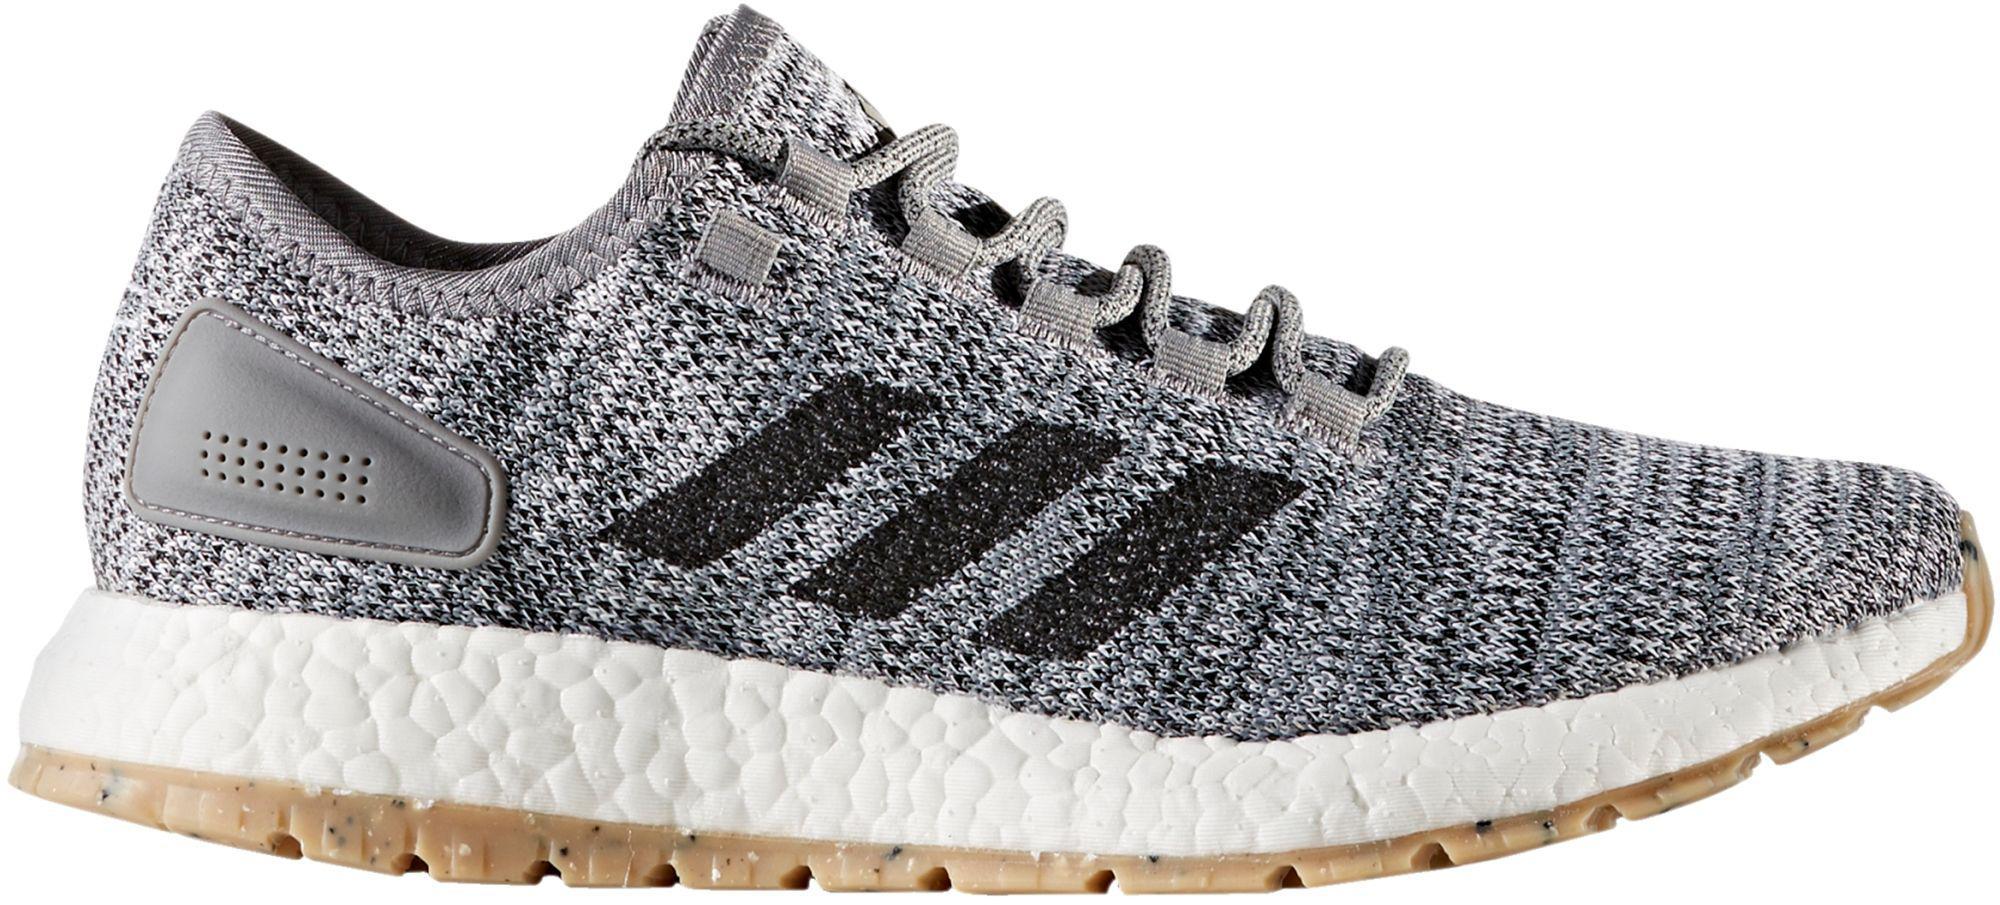 lyst adidas pureboost tutto terreno le scarpe da corsa in grigio per gli uomini.